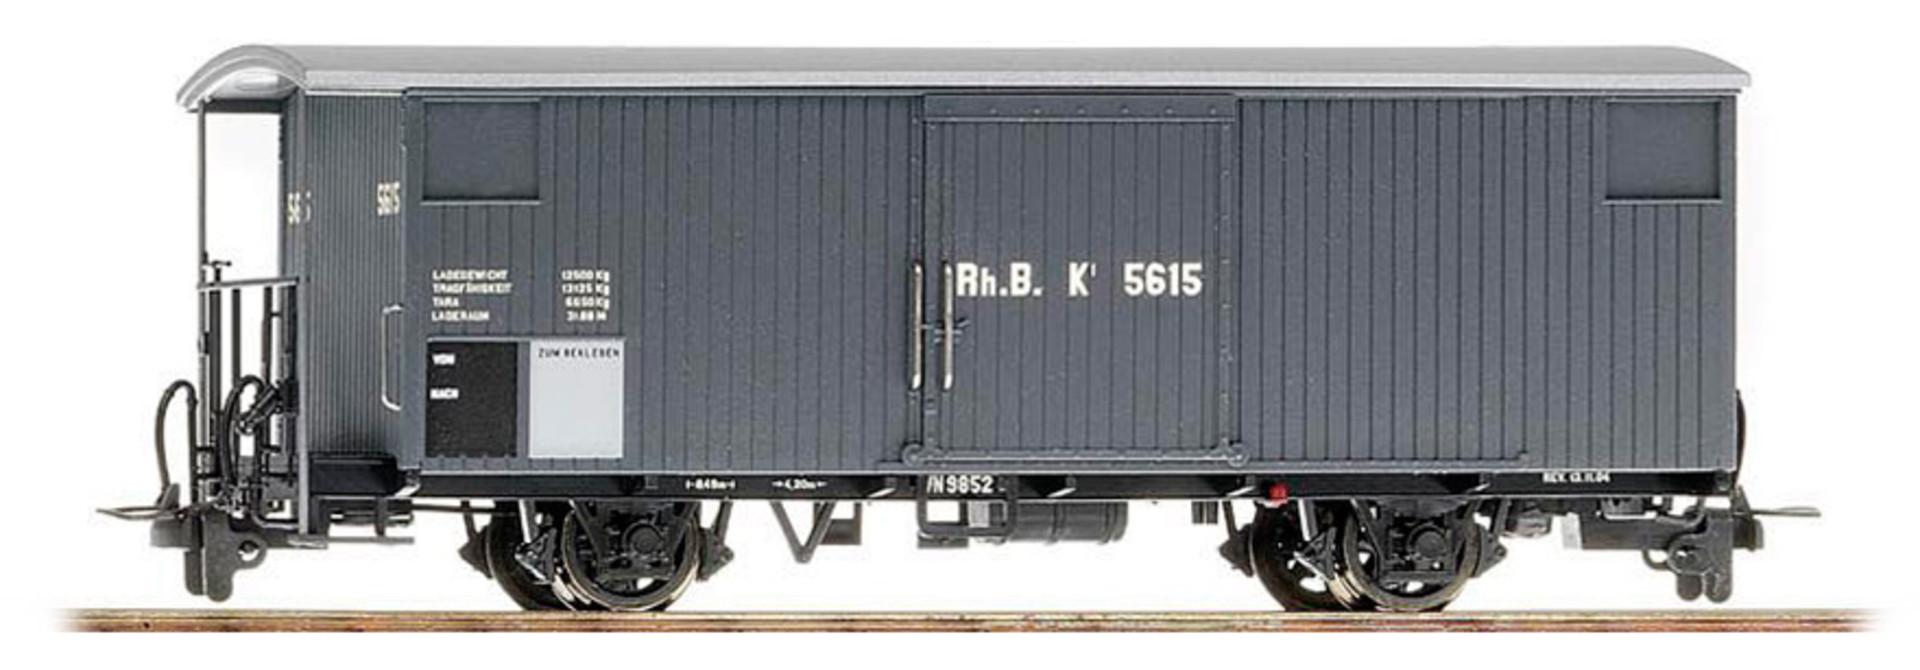 2293145 RhB K1 5615 Museumswagen